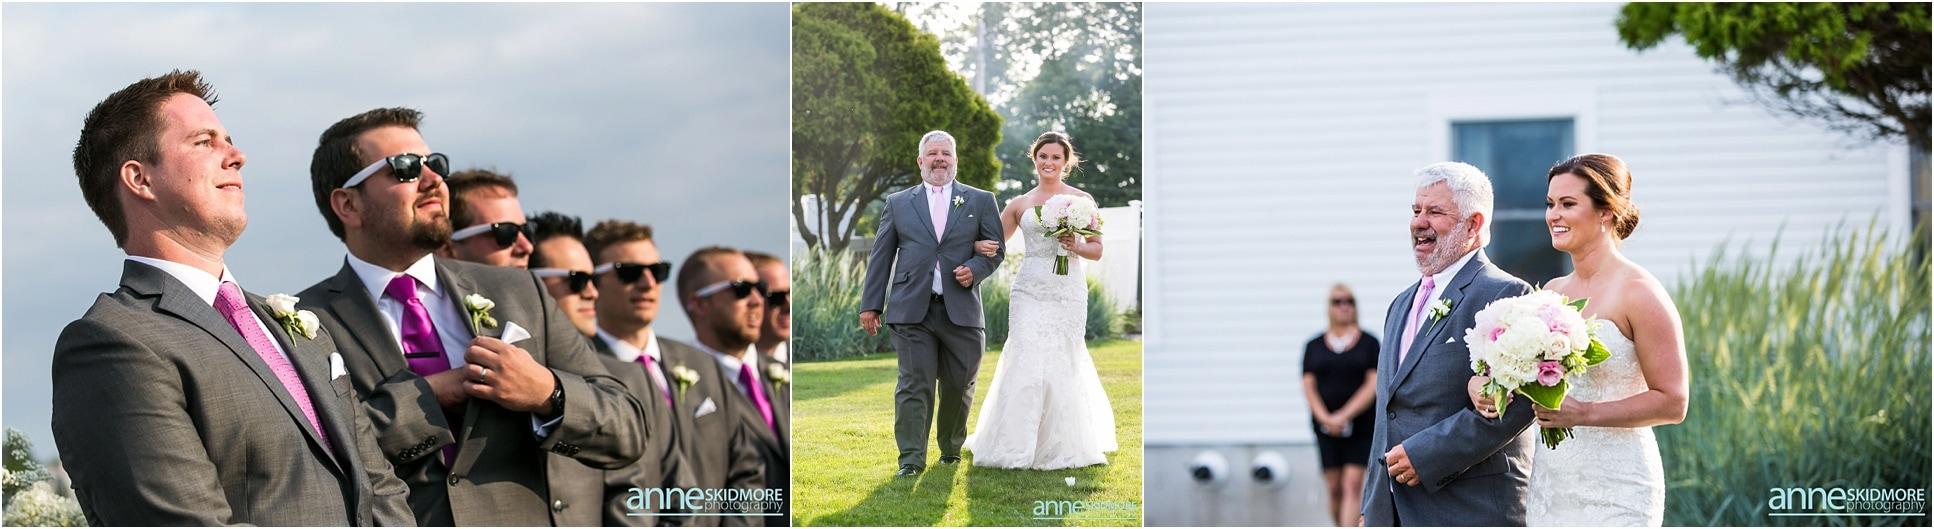 Union_Bluff_Wedding_0030